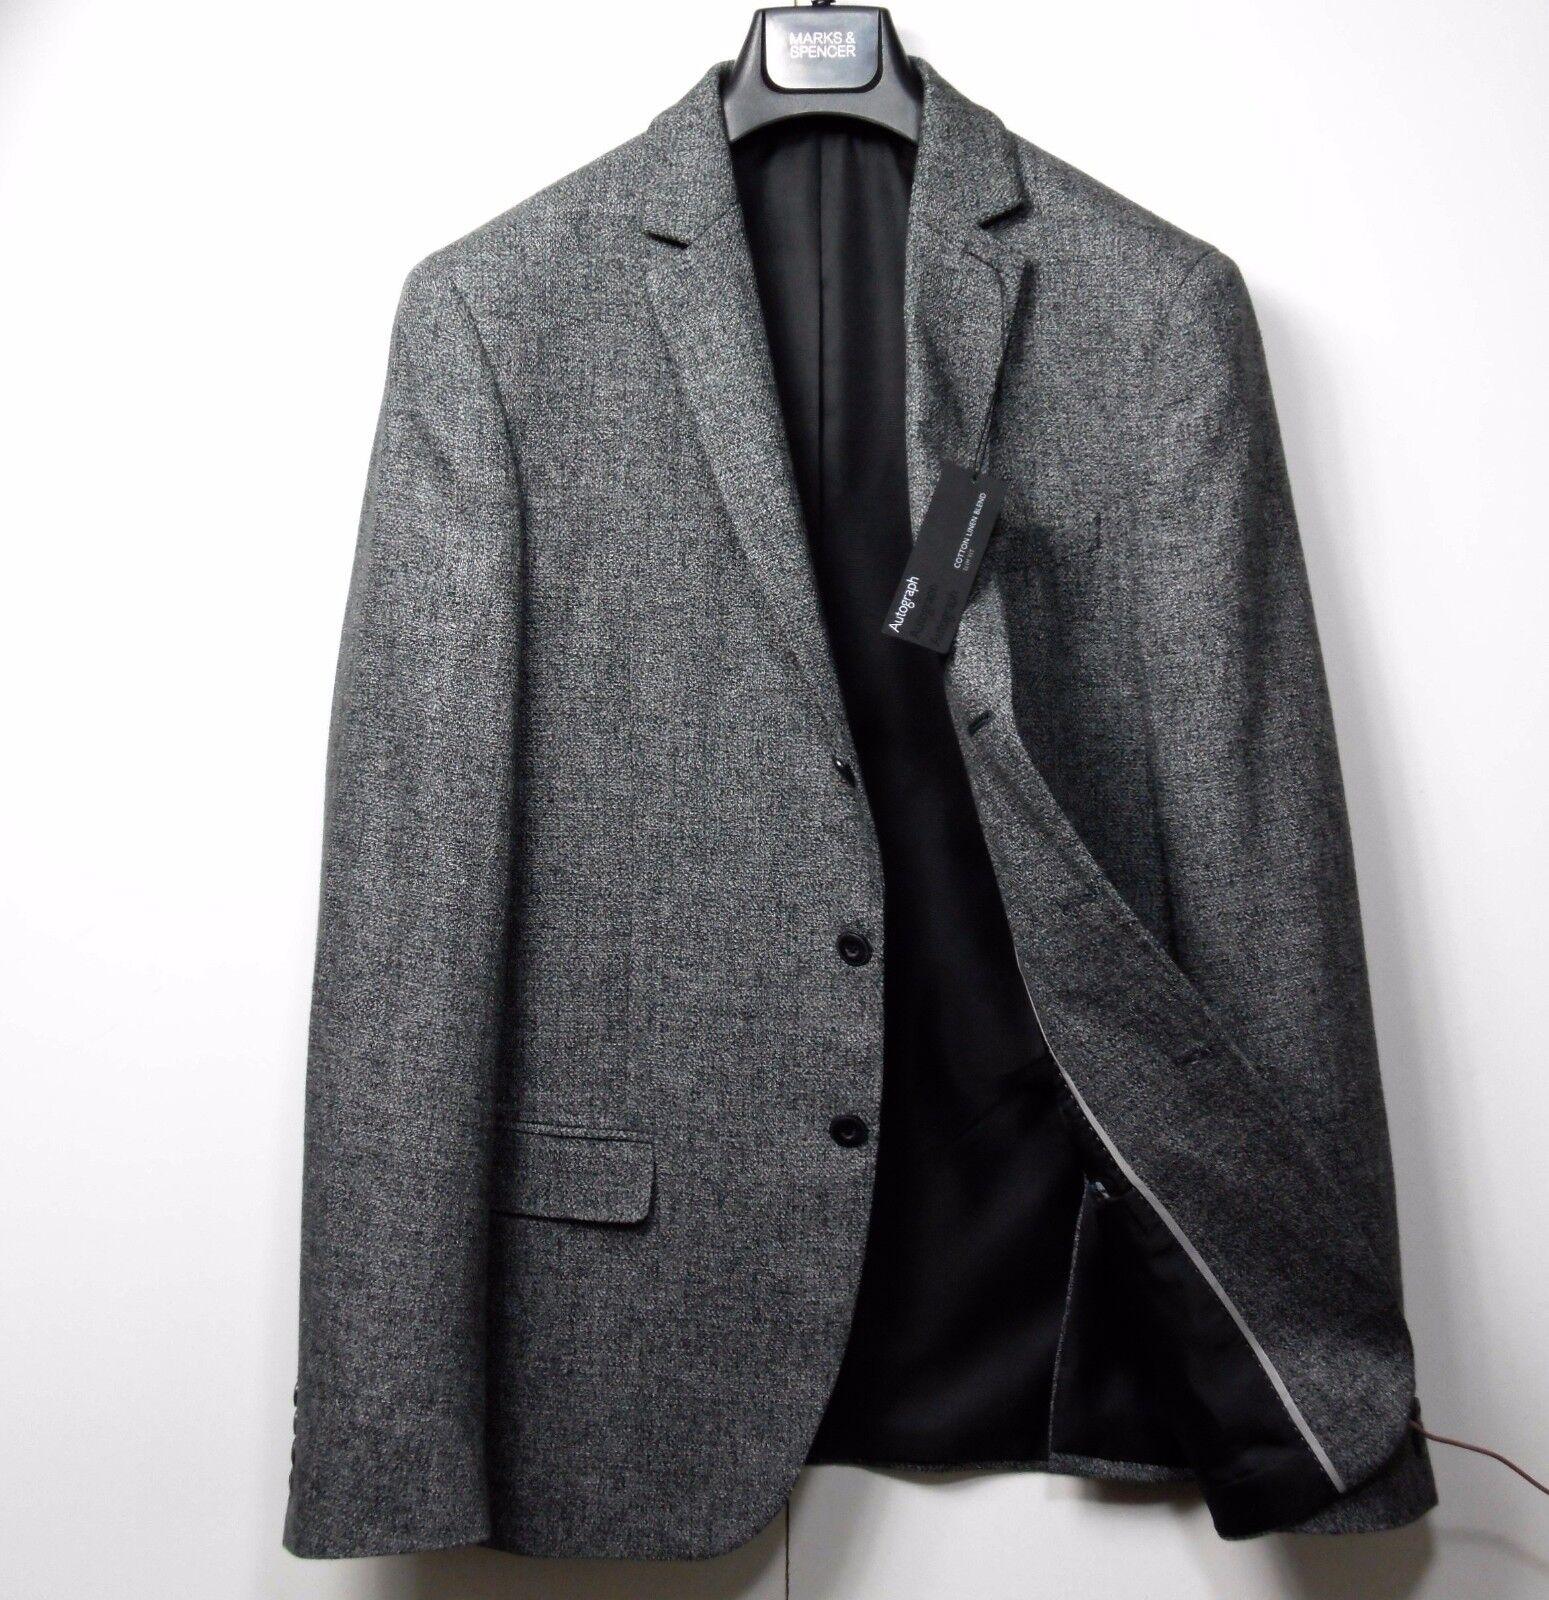 M&S AUTOGRAPH Cotton & Linen SLIM Fit BLAZER  Größe 42 Med.  grau MIX, rrp